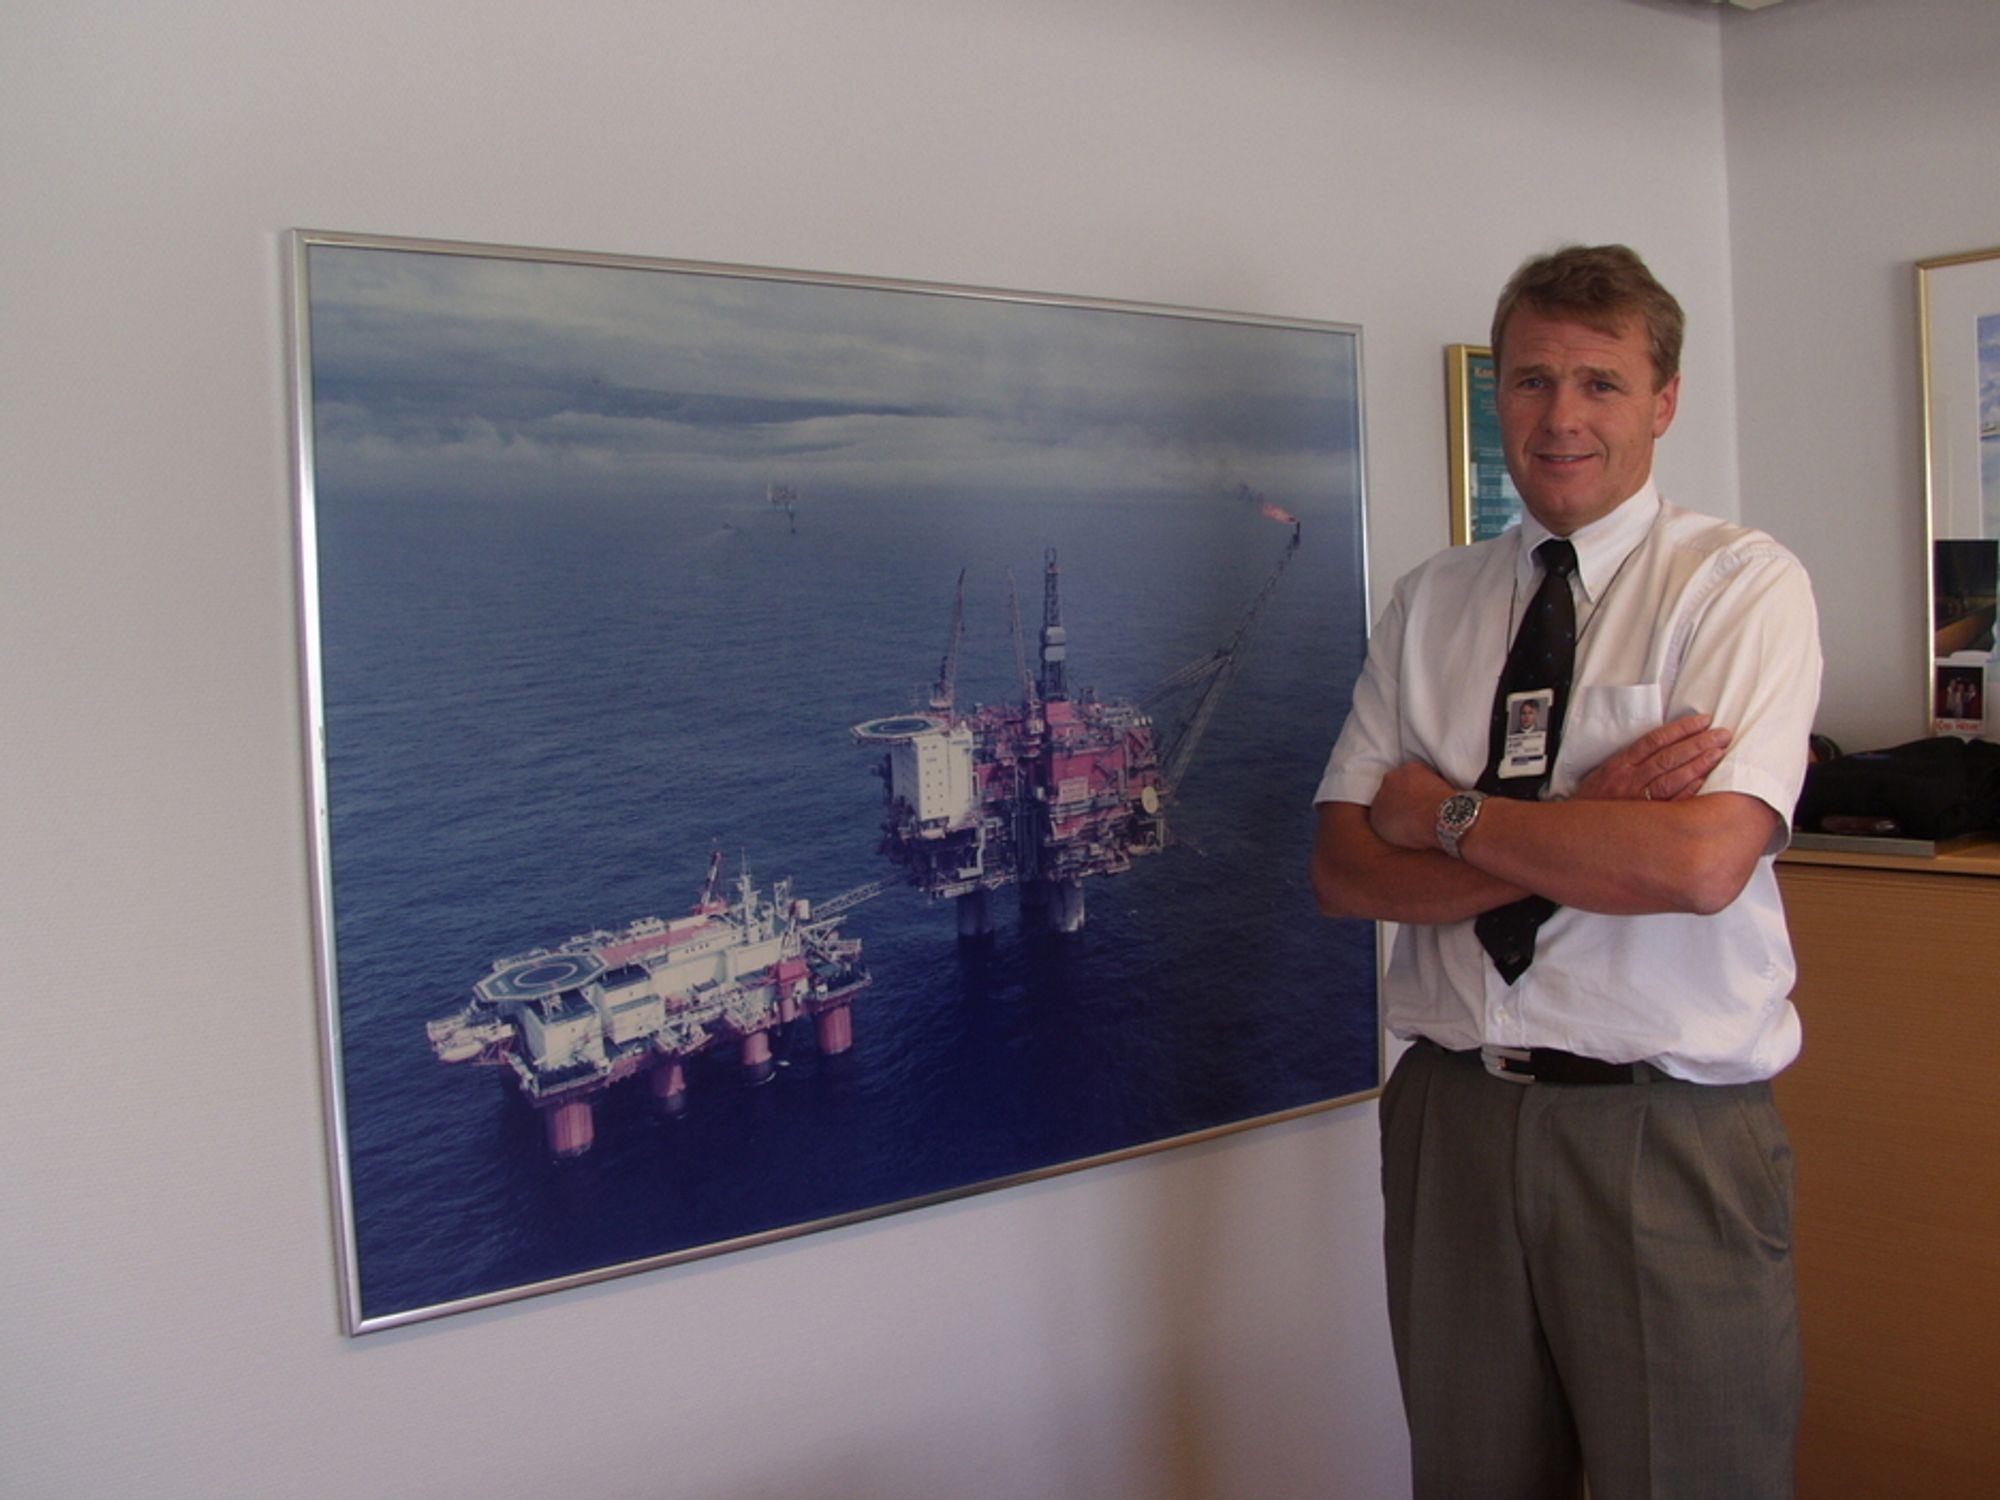 BYGGER UT: Sjefen for Statoils Houston-kontor, Øyvind reinertsen er fornøyd med at selskapet nå går i gang med utbyggingen av Big Foot-feltet i dypvannsdelen av Den Mexicanske Golfen.